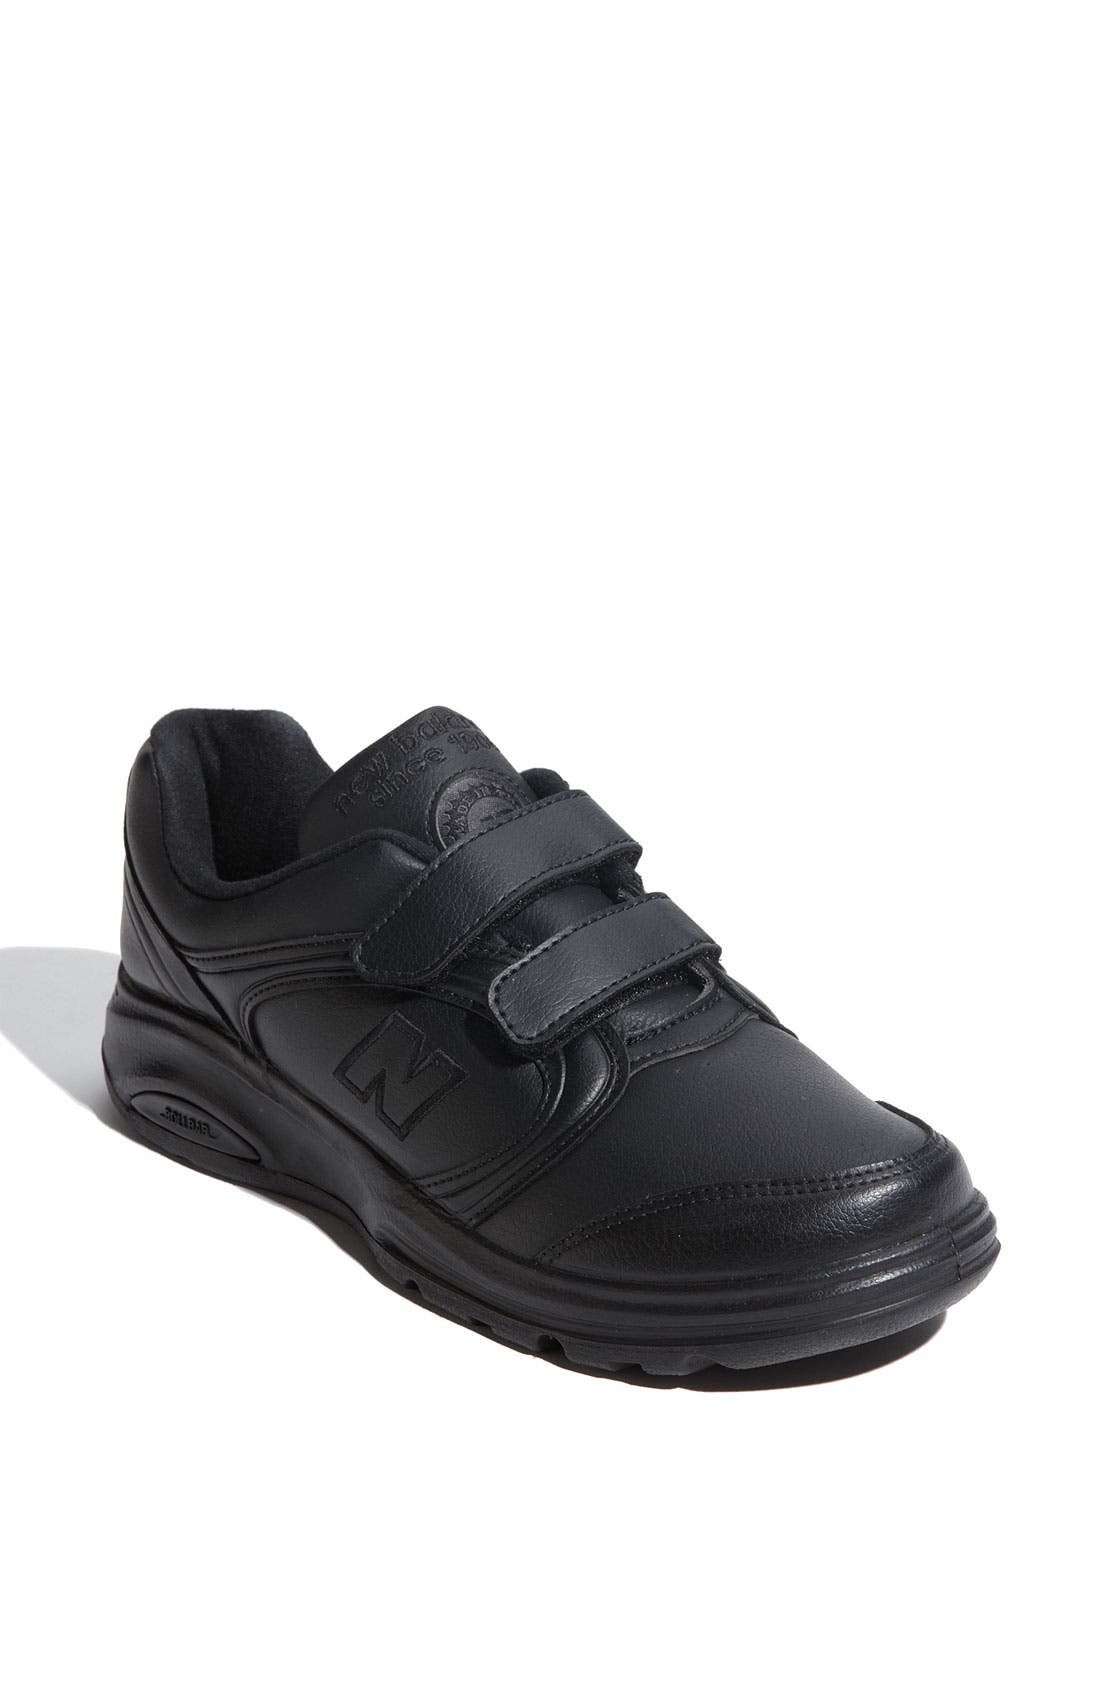 Main Image - New Balance '812' Walking Shoe (Women)